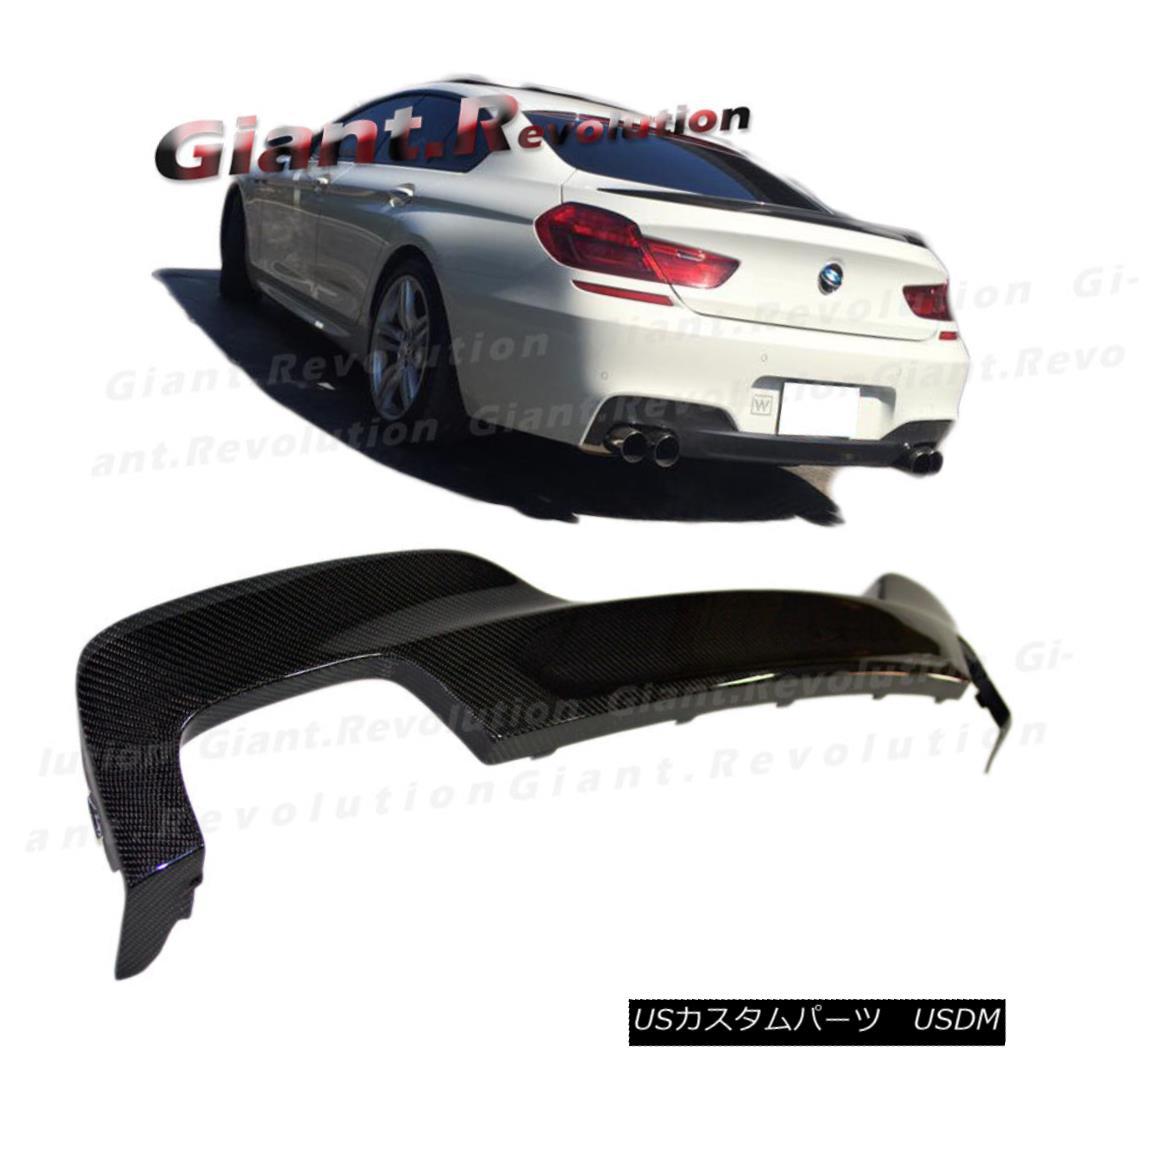 エアロパーツ Carbon Fiber Rear Diffuser Lip Fit 12-16 BMW 6-Series F12 F13 F06 M-Tech Bumper カーボンファイバーリアディフューザーリップフィット12-16 BMW 6シリーズF12 F13 F06 M-Techバンパー